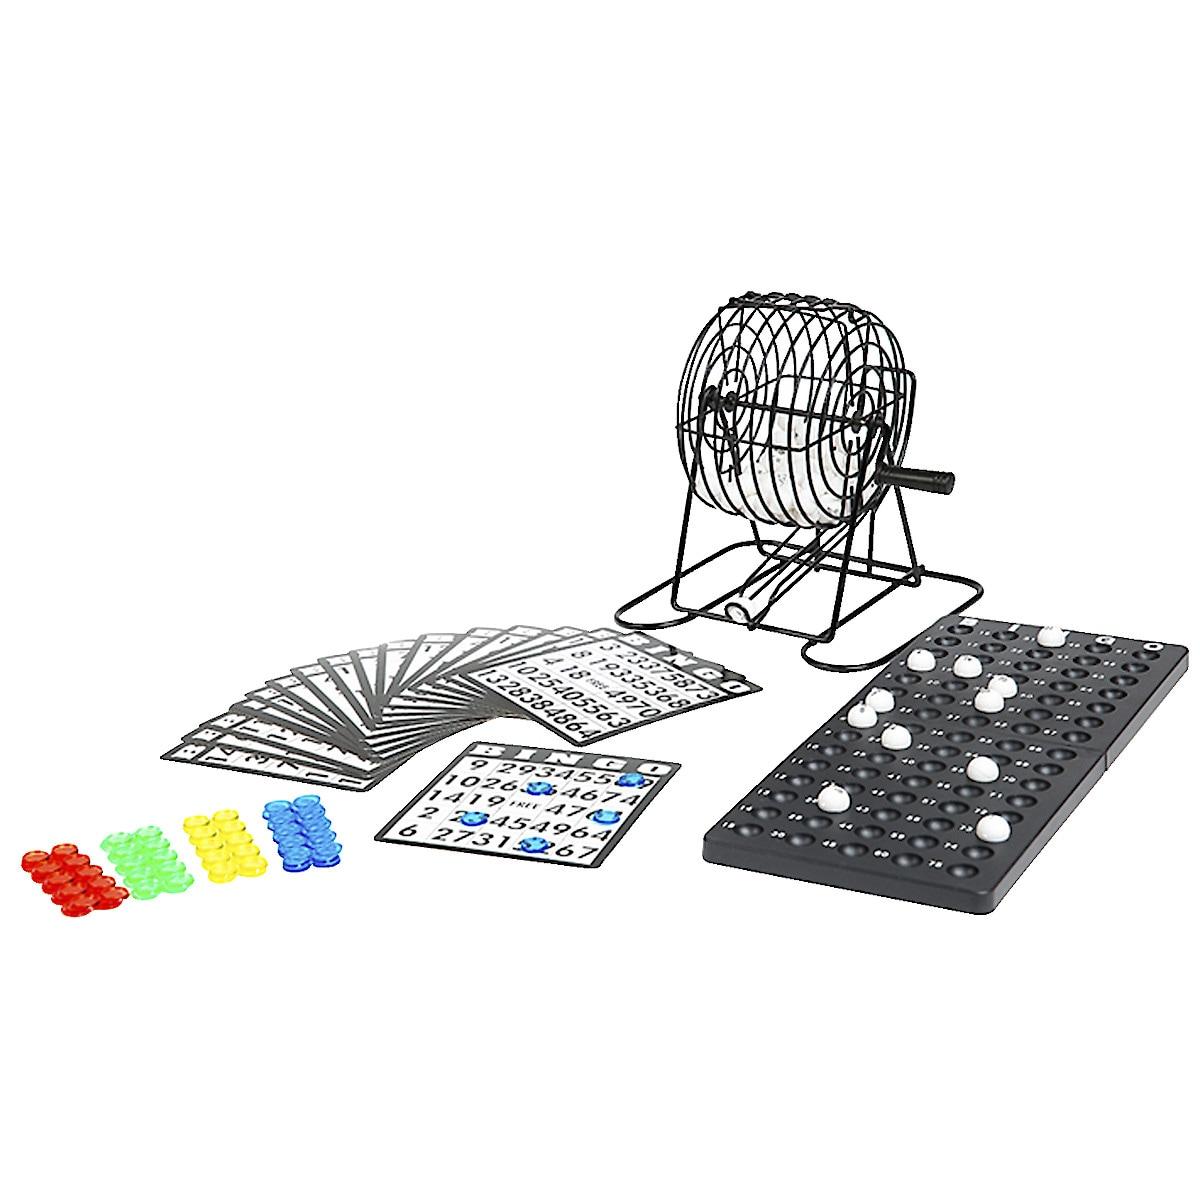 Bingospel, Retr-Oh